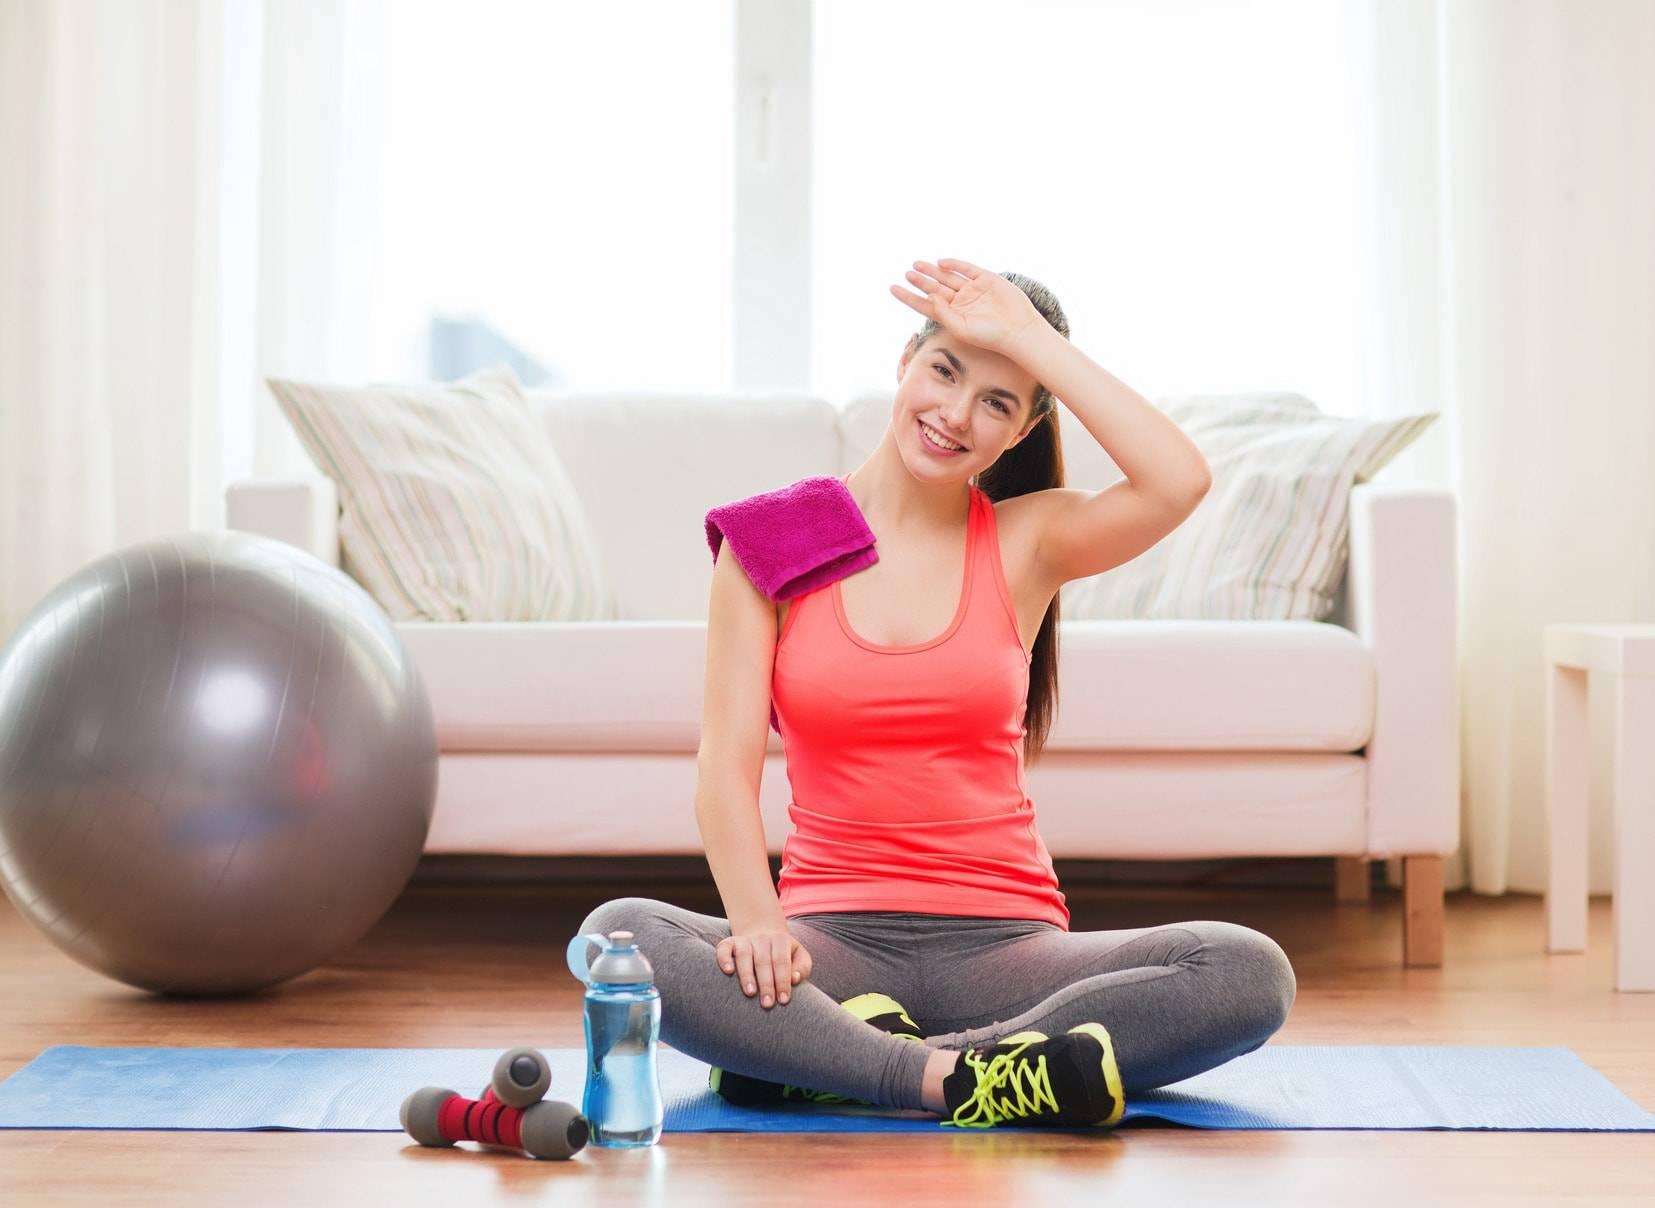 Каким спортом можно заниматься чтобы похудеть